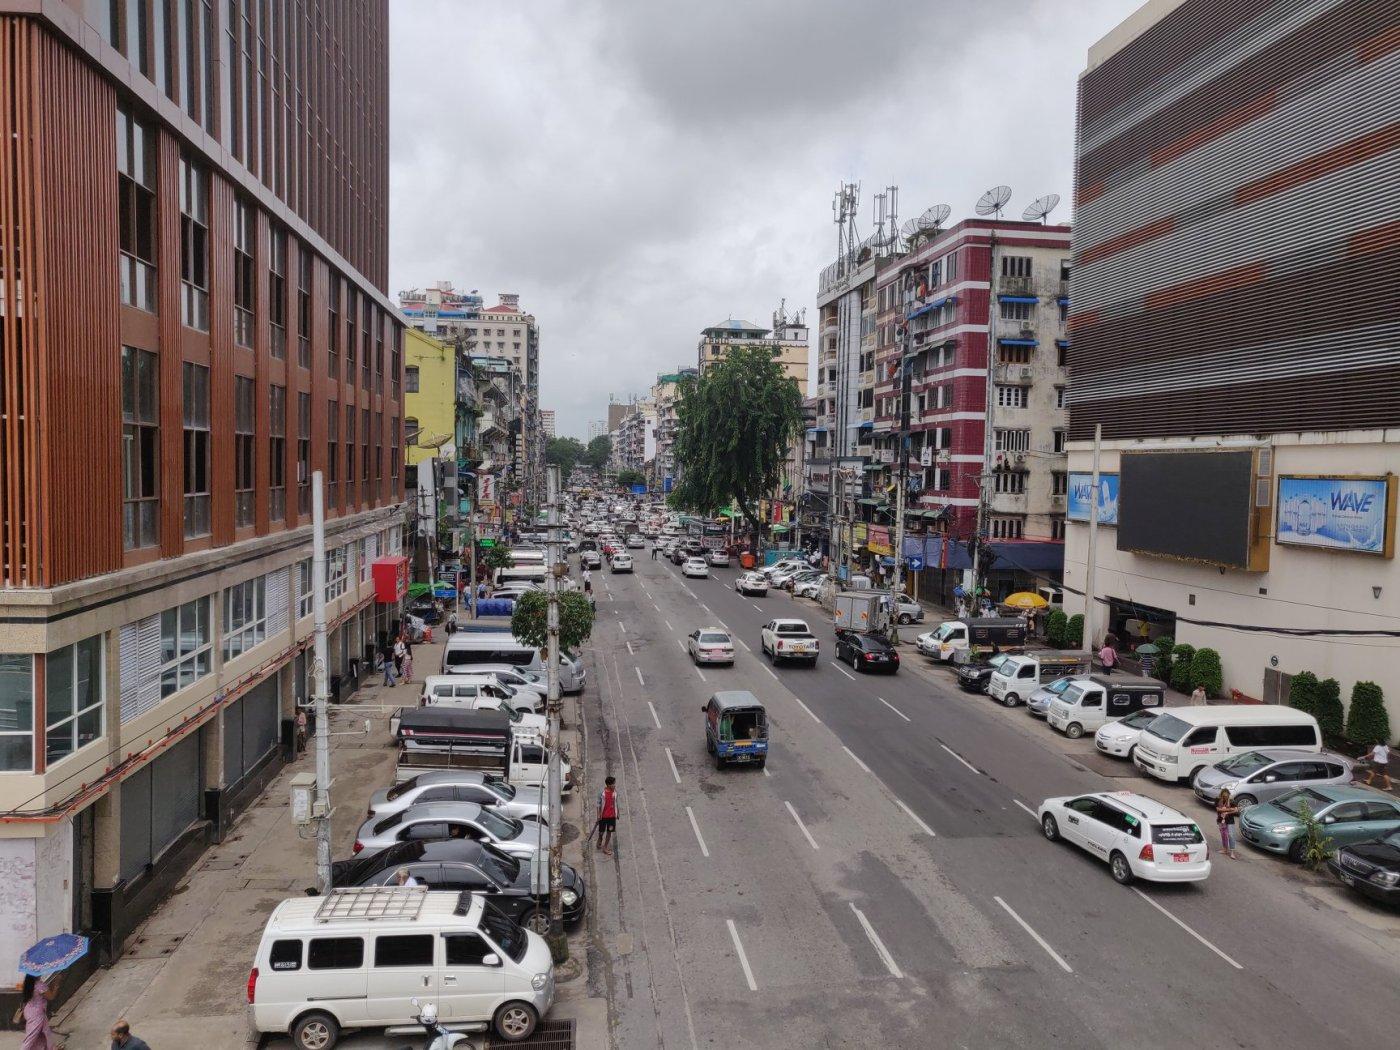 viaggio a yangon, cosa fare in birmania, cosa fare a yangon, mercati di yangon, pagoda di yangon, cosa fare in myanmar, myanmar pericoloso, pagoda myanmar, pagoda yangon , yangon